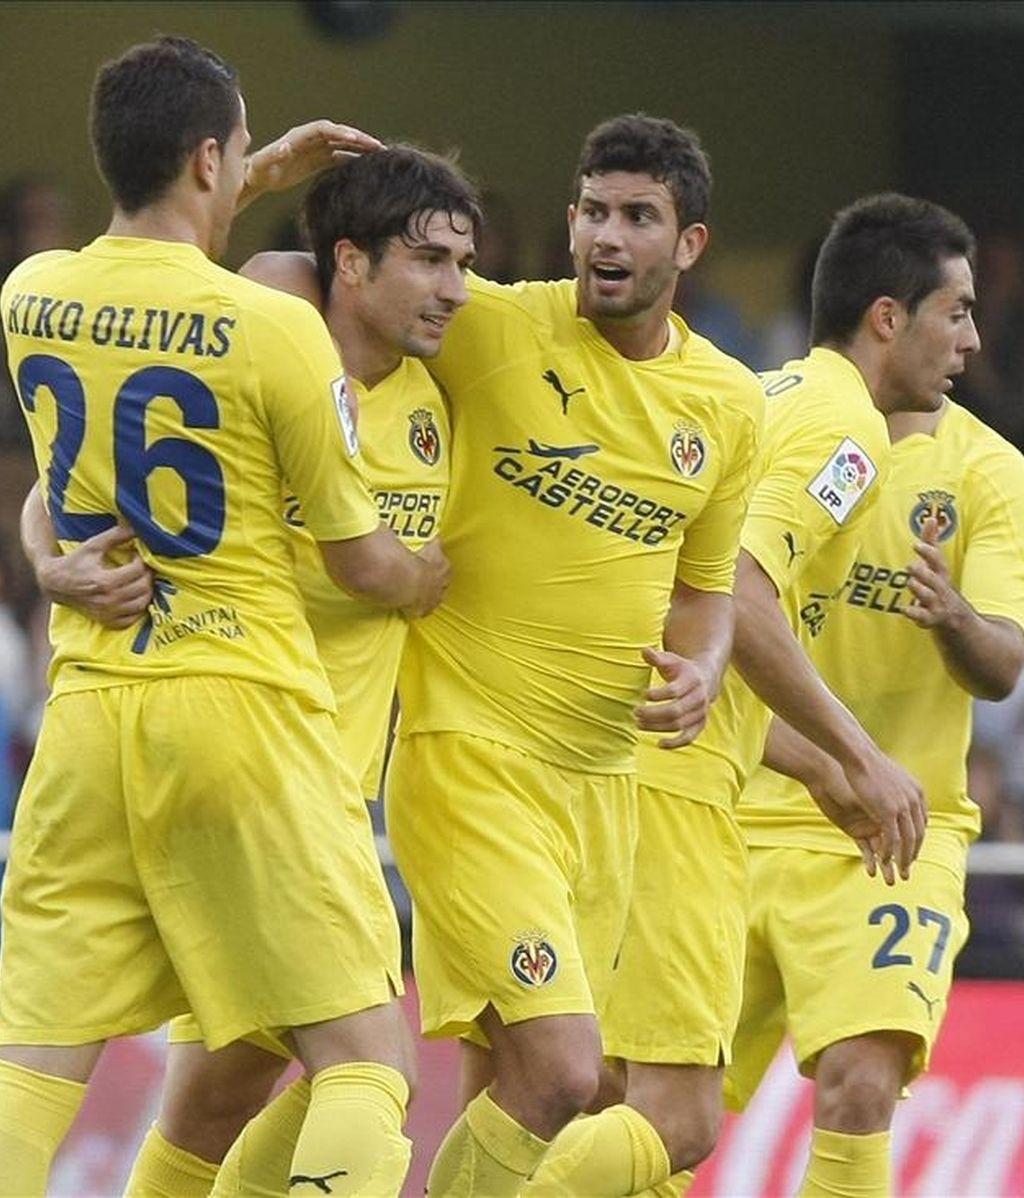 """El centrocampista del Villarreal Rubén Gracia """"Cani"""" (2i), celebra con sus compañeros la consecución del primer gol de su equipo frente al Getafe, durante el partido de Liga en el estadio de El Madrigal, en Villarreal. EFE"""